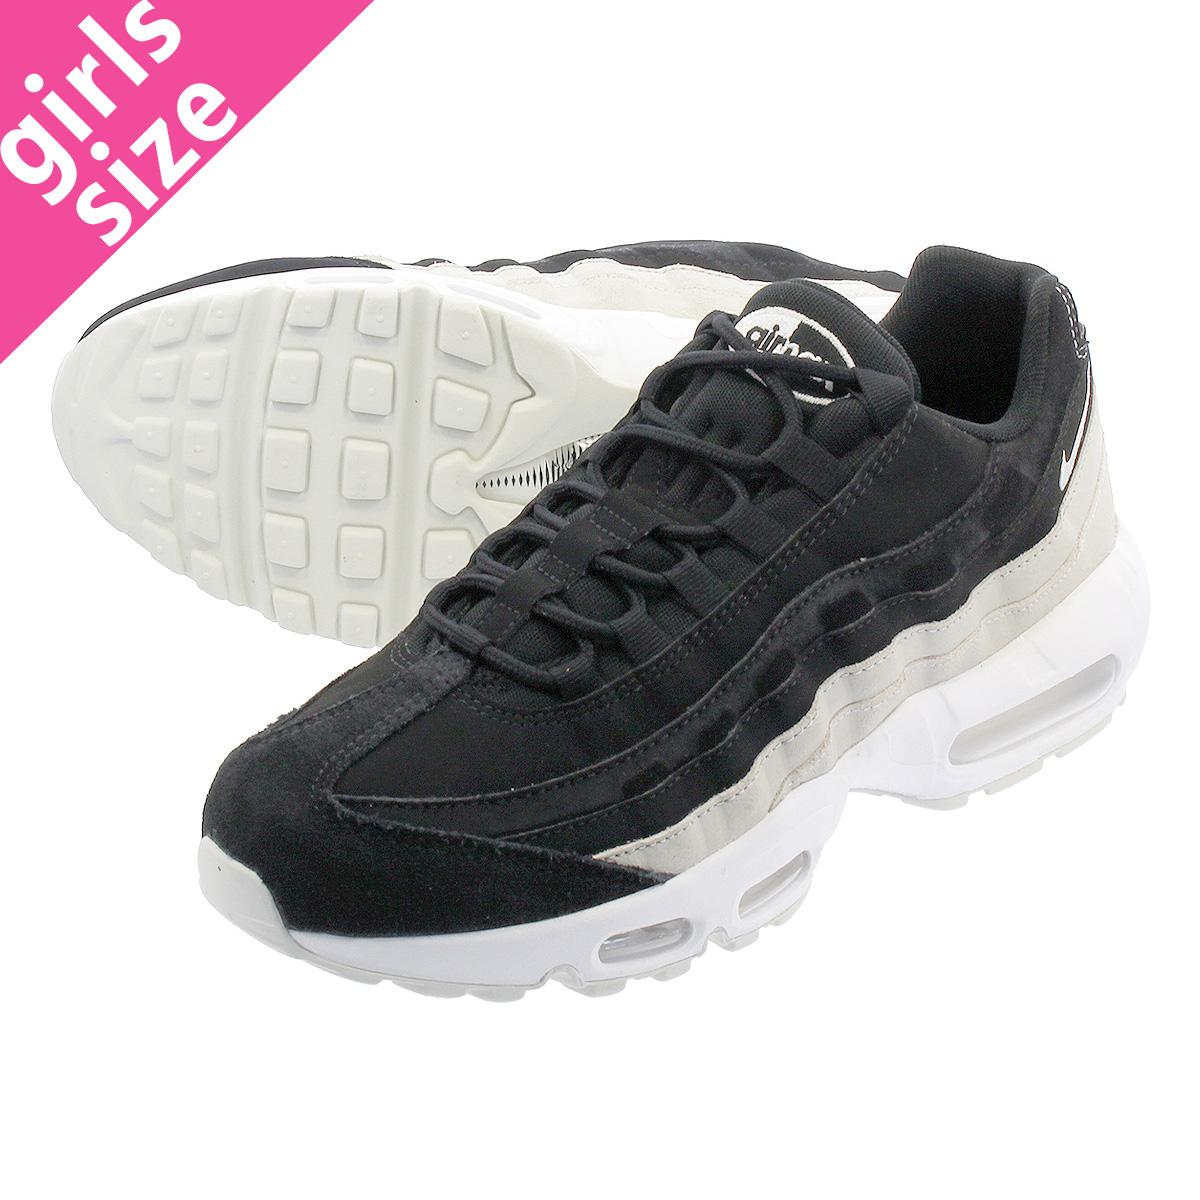 3832f00c07 NIKE WMNS AIR MAX 95 PRM Nike women Air Max 95 premium BLACK/SPRUCE AURA ...